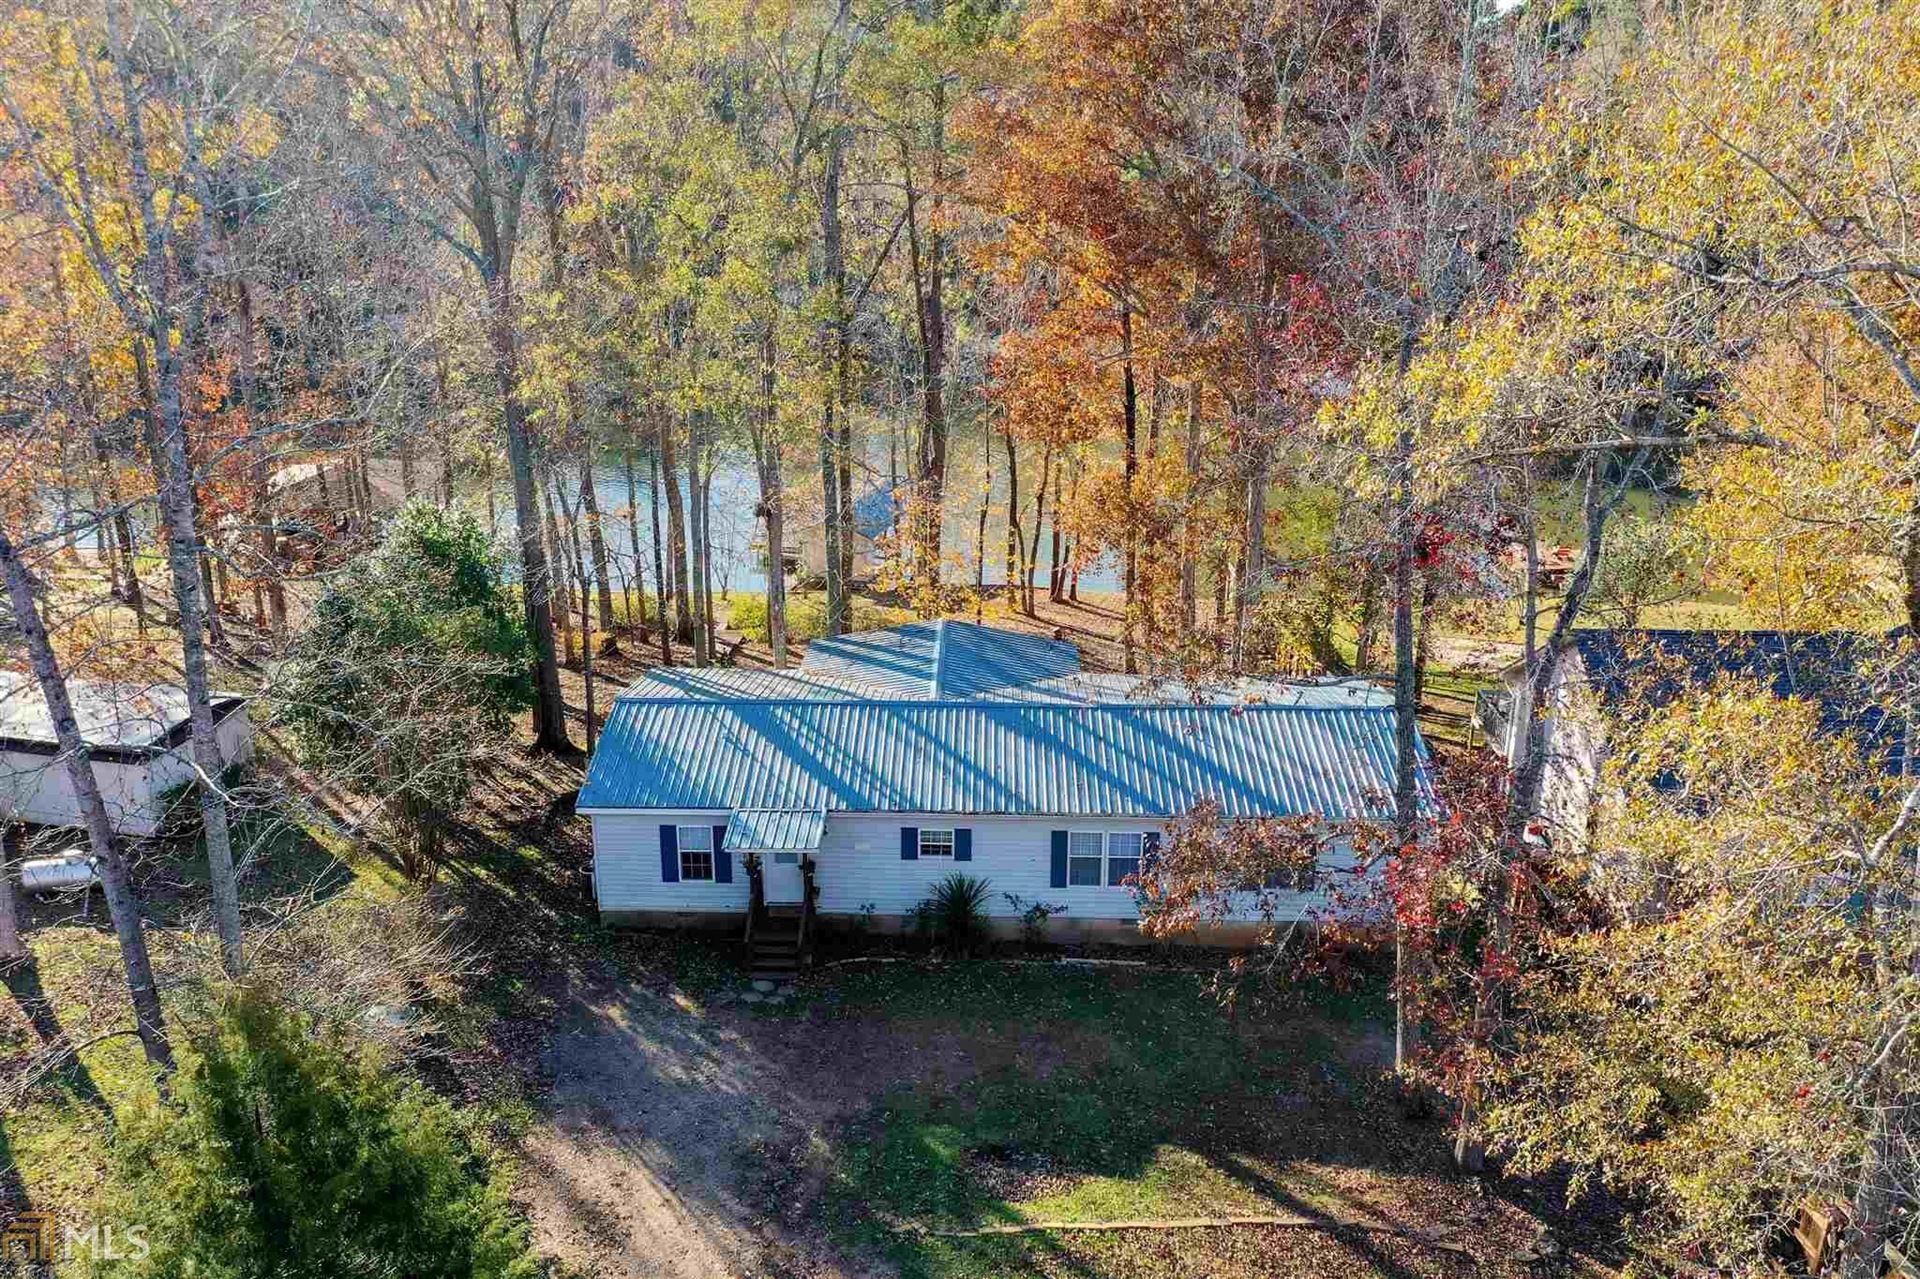 760 S Steel Bridge Rd, Eatonton, GA 31024 - MLS#: 8897998